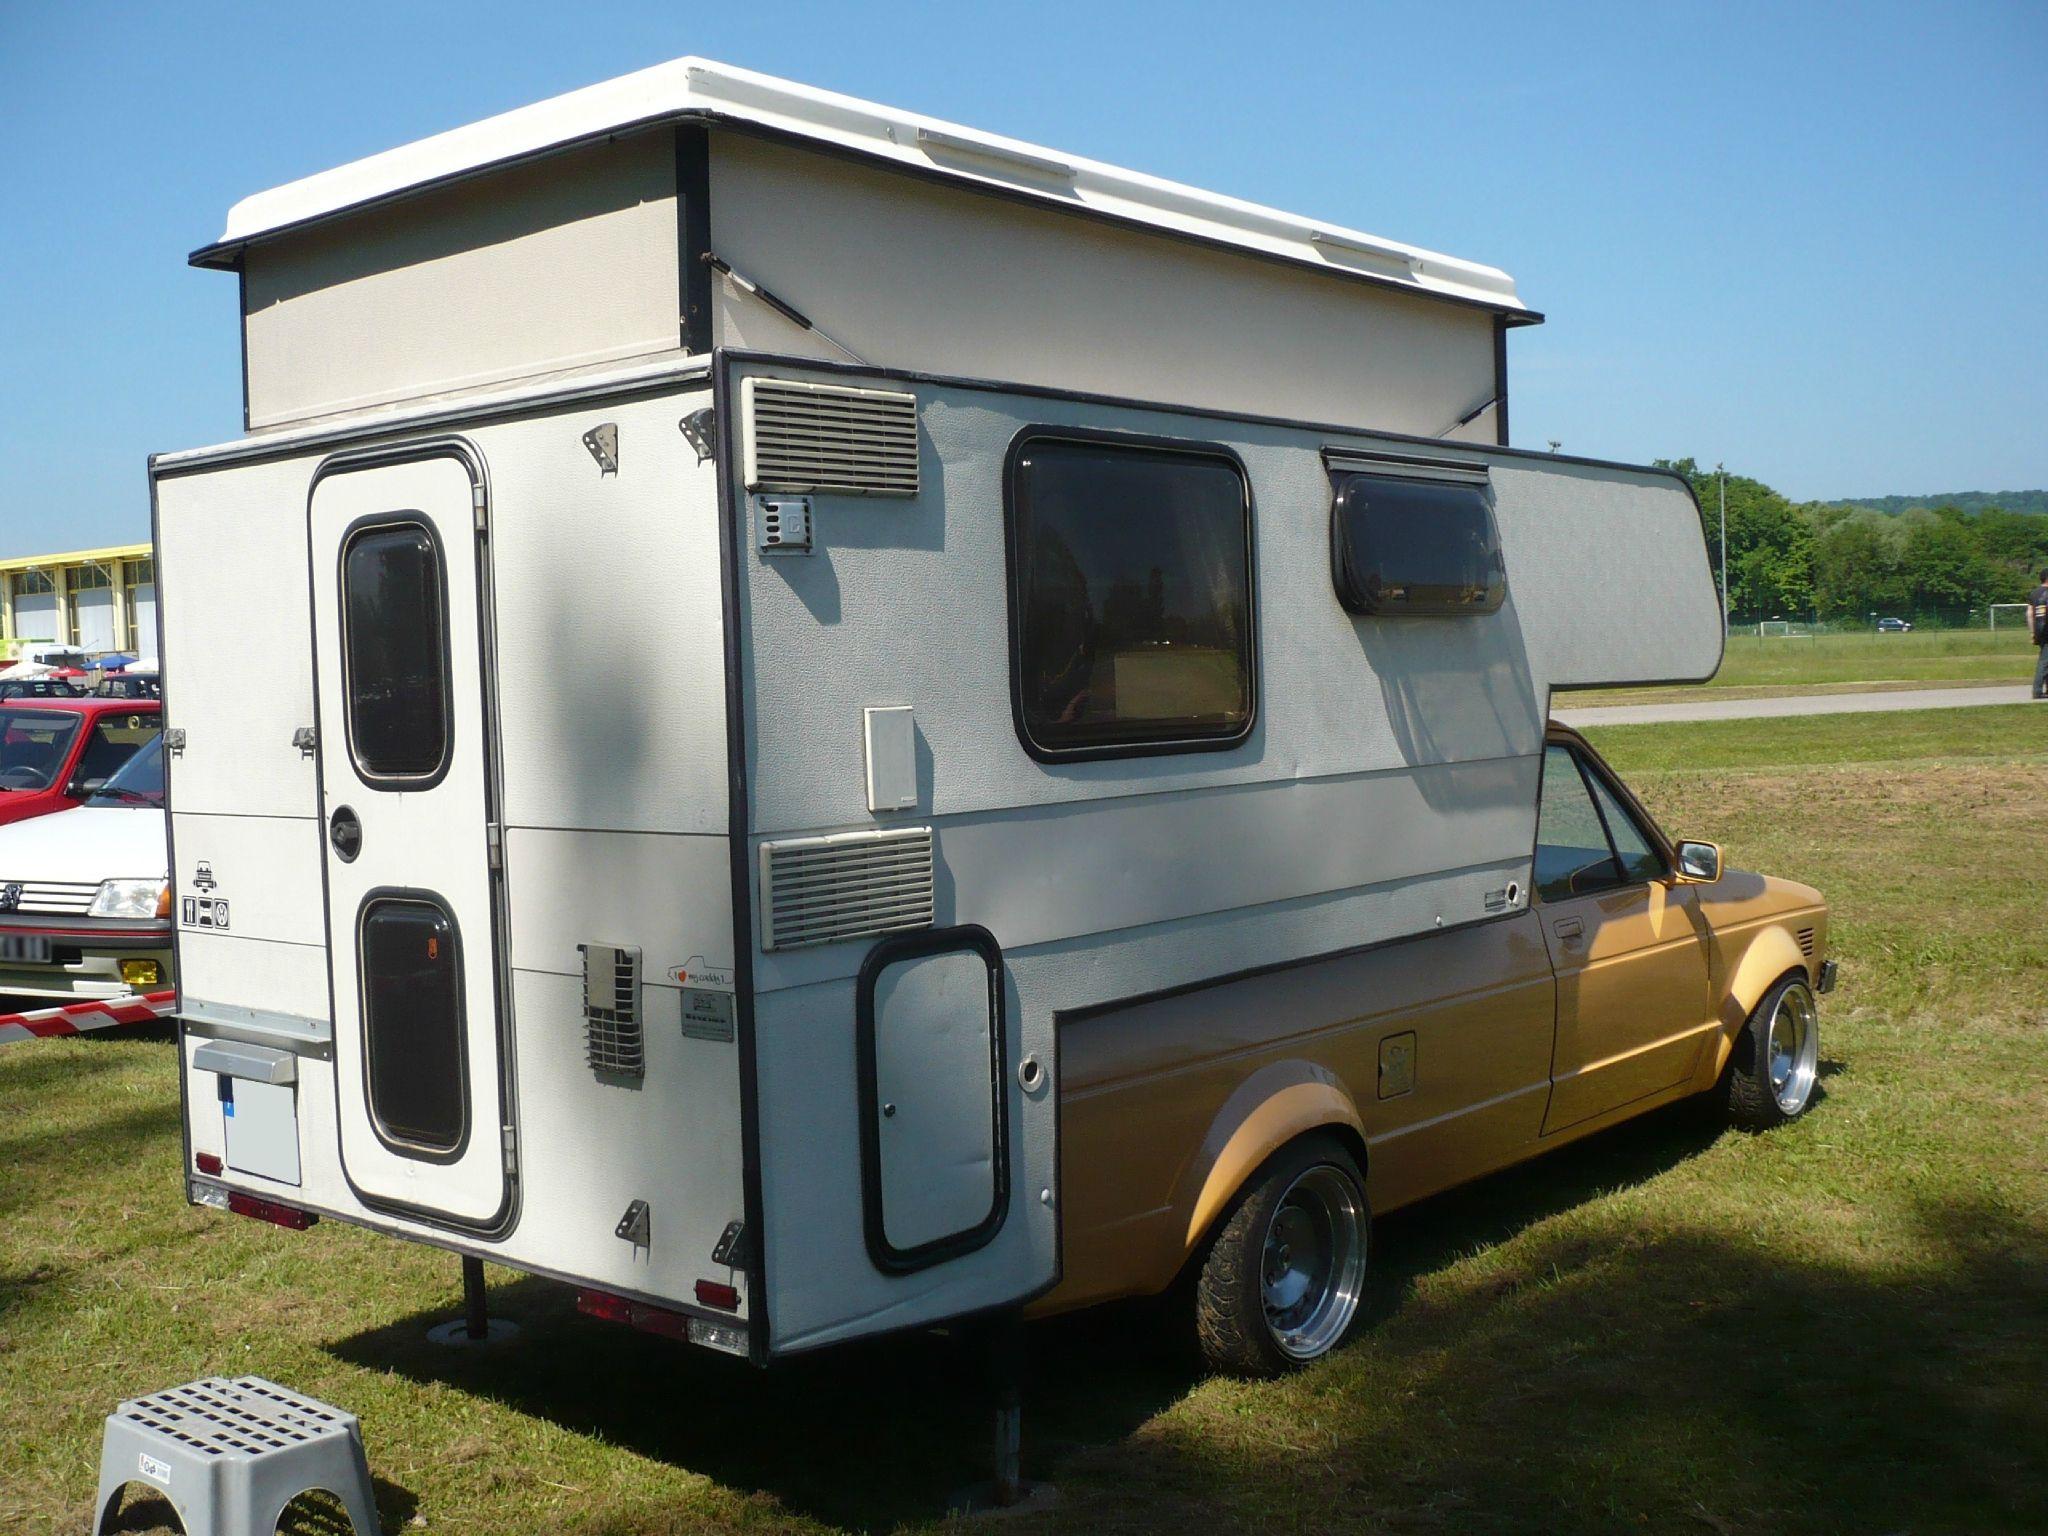 volkswagen caddy pick up avec cellule camping car vroom. Black Bedroom Furniture Sets. Home Design Ideas